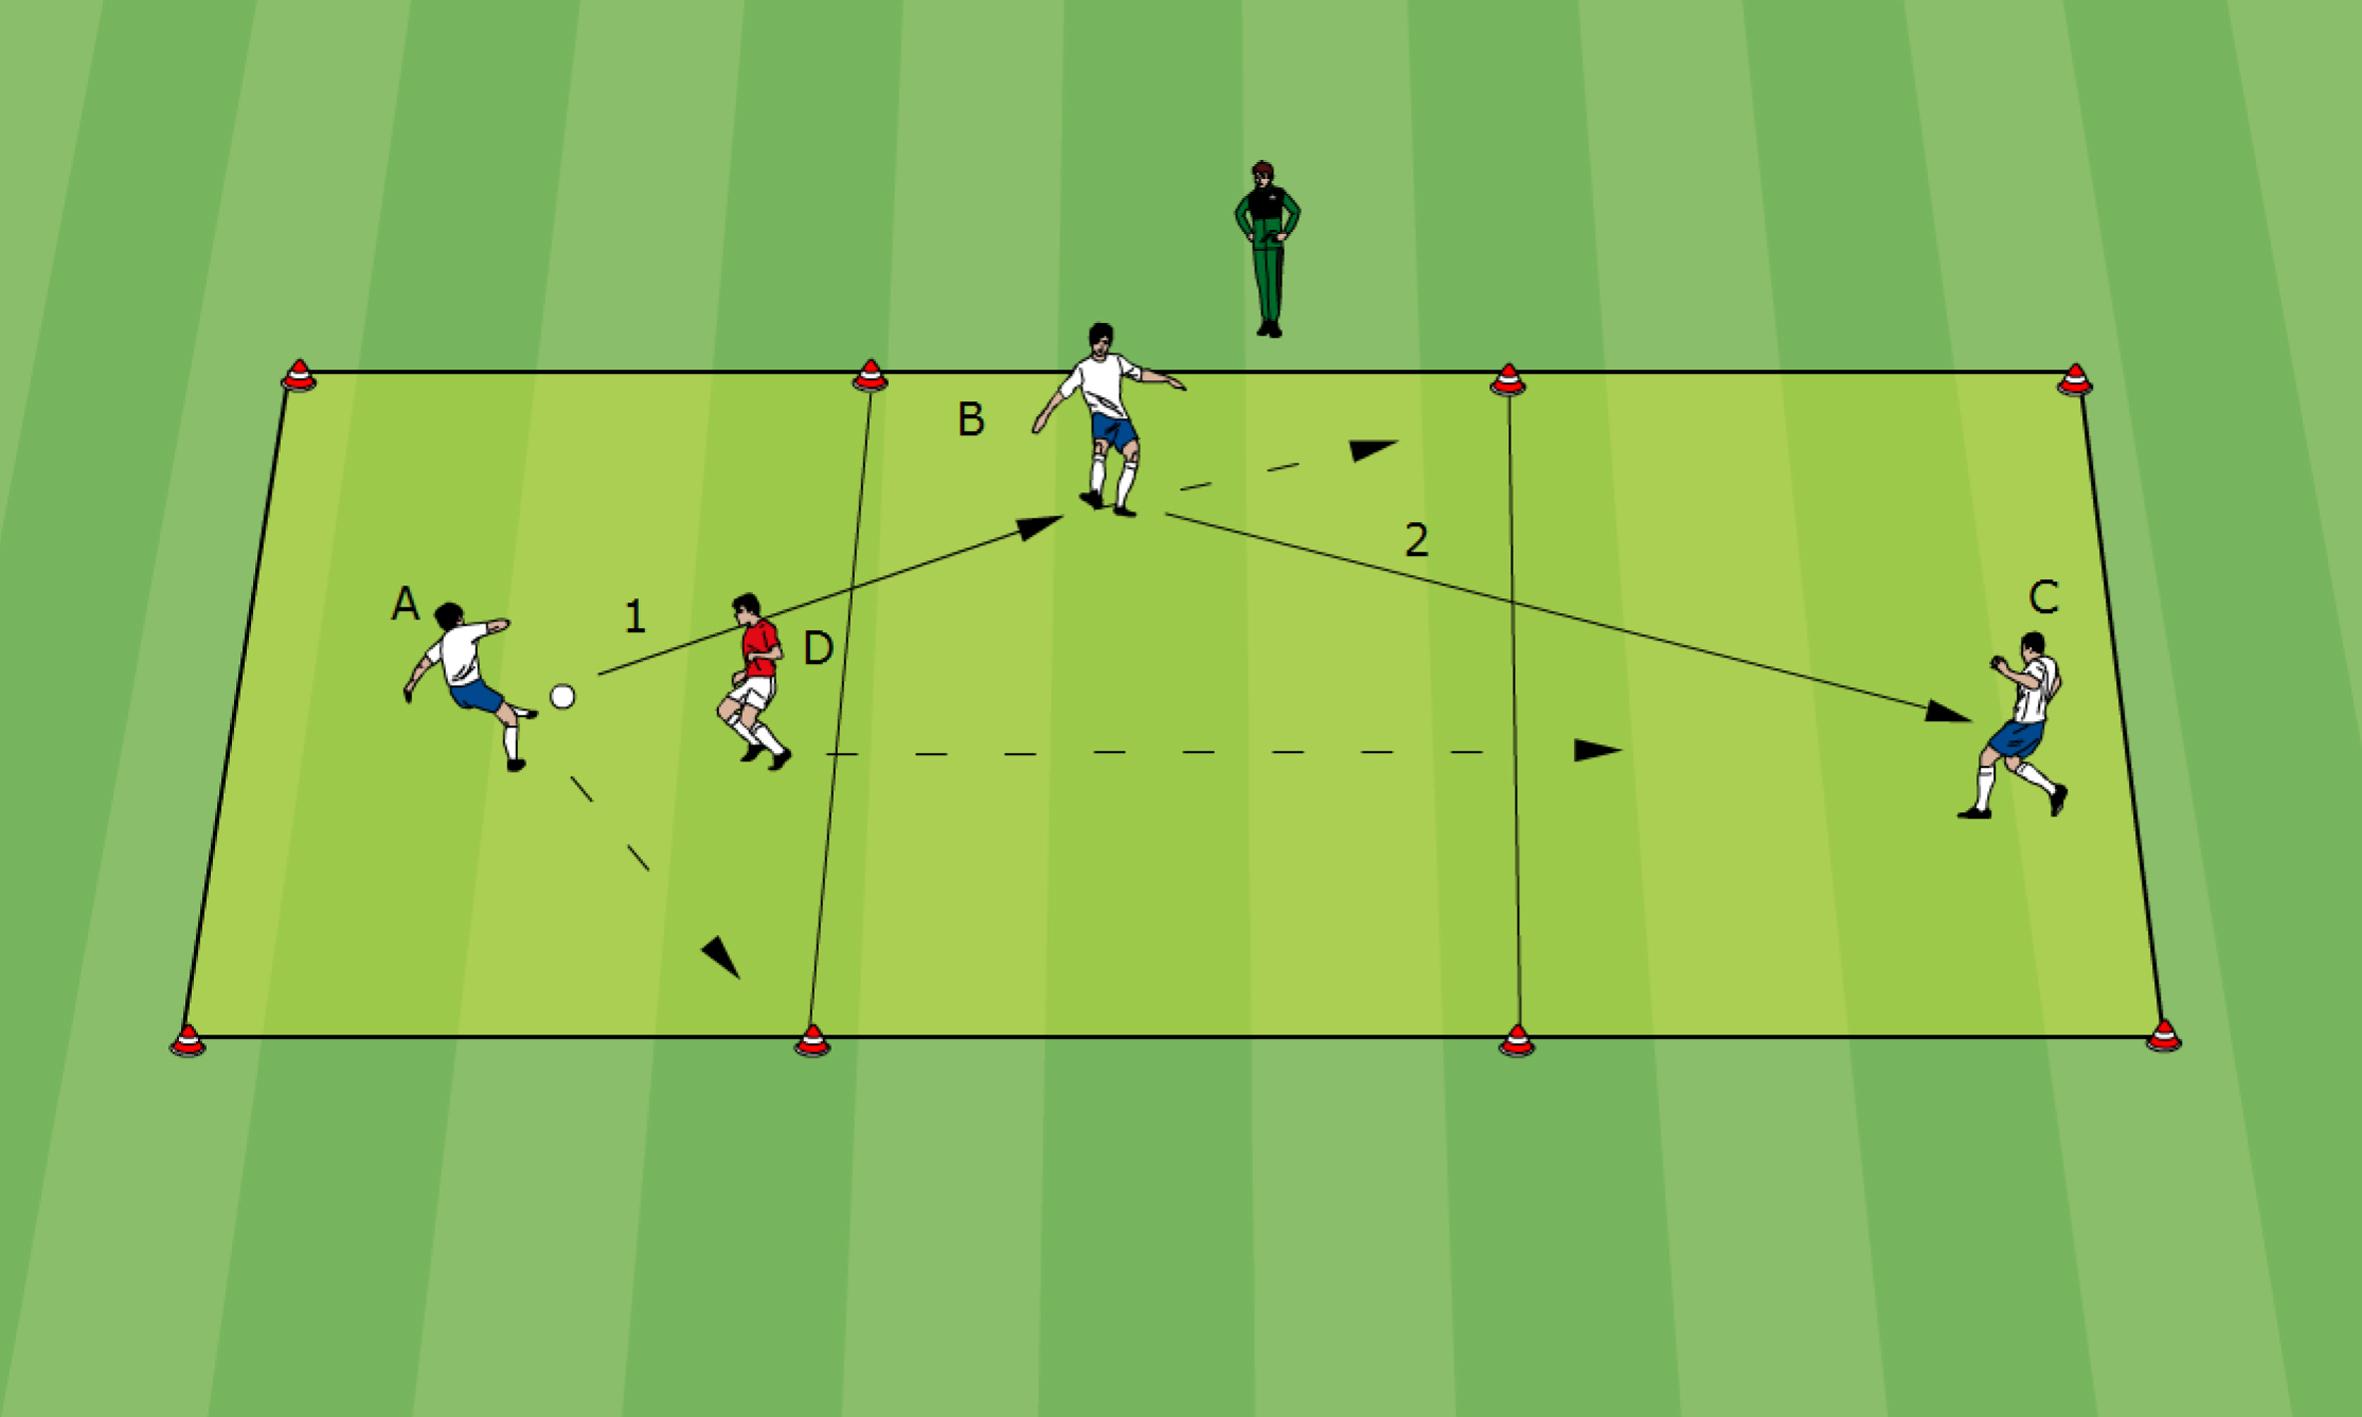 passspiel training fußball